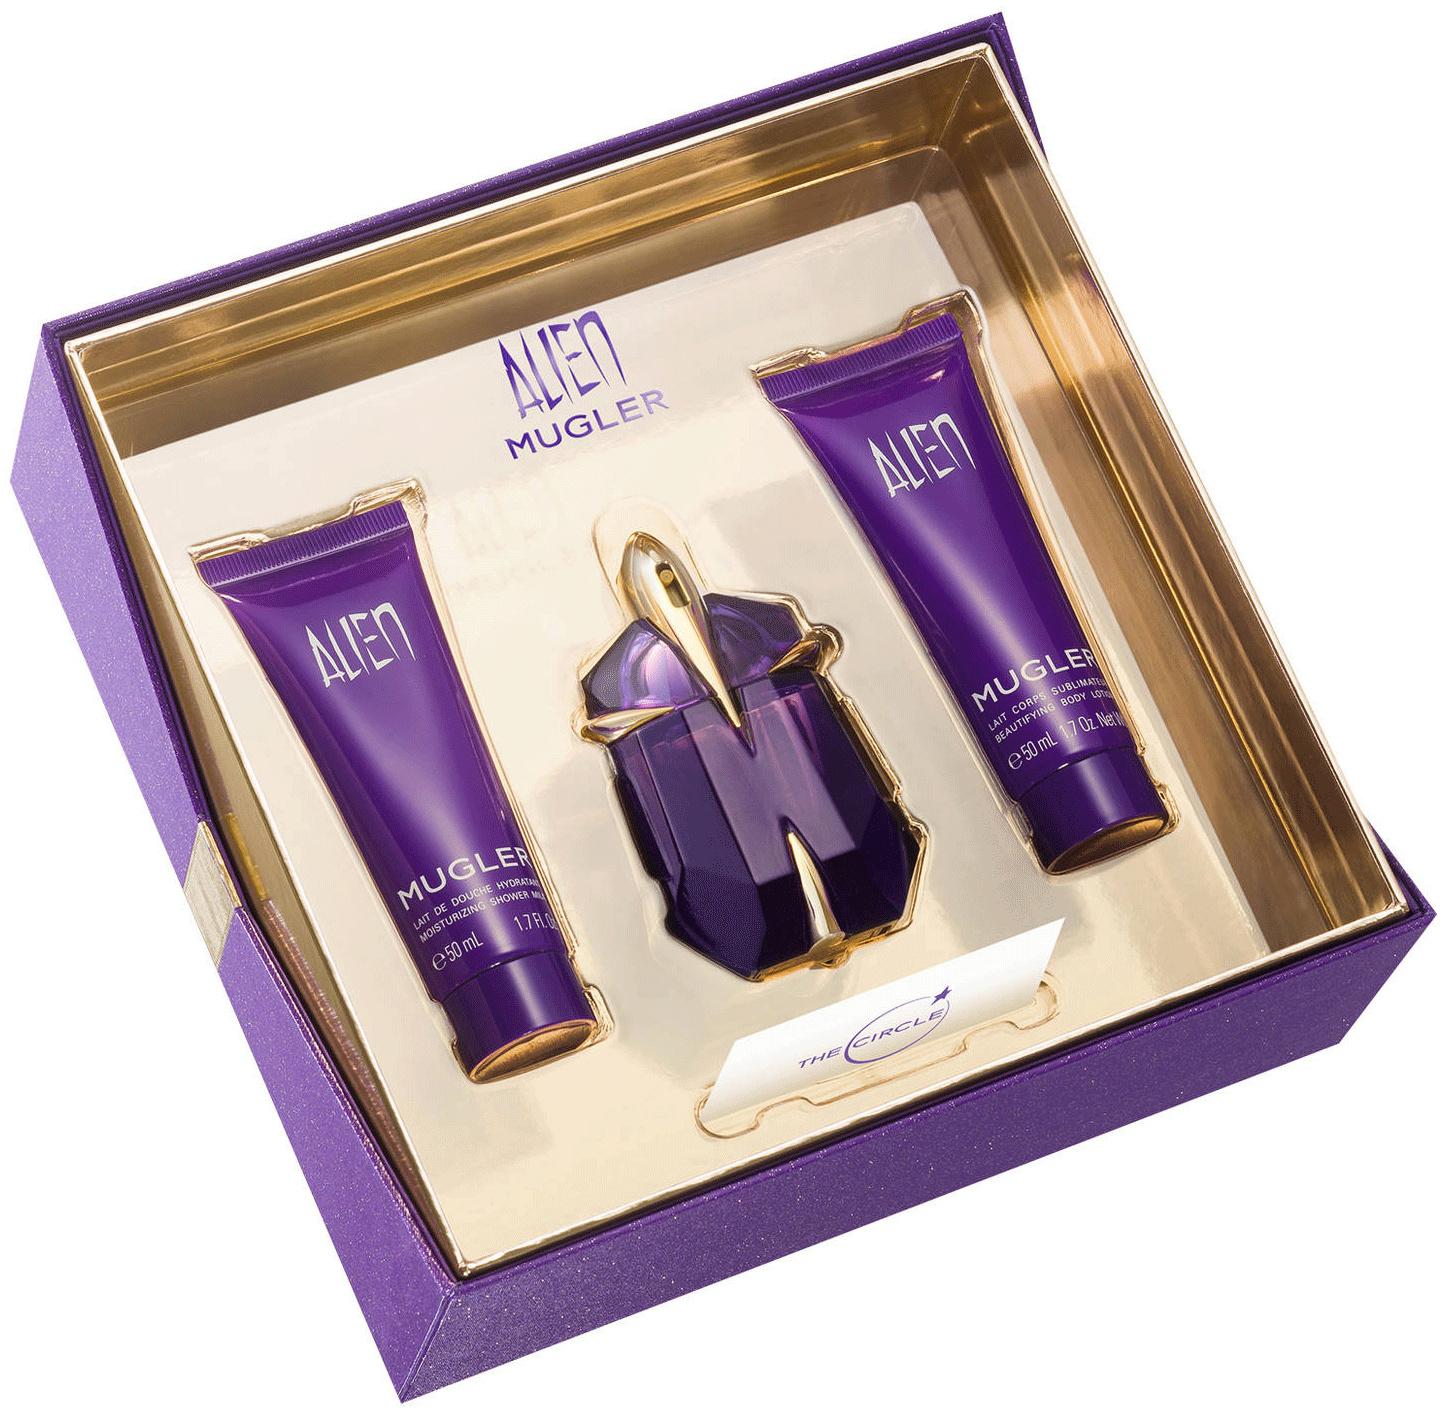 Thierry Mugler Alien parfémovaná voda plnitelný flakon pro ženy 30 ml + tělové mléko 50 ml + sprchový gel 50 ml